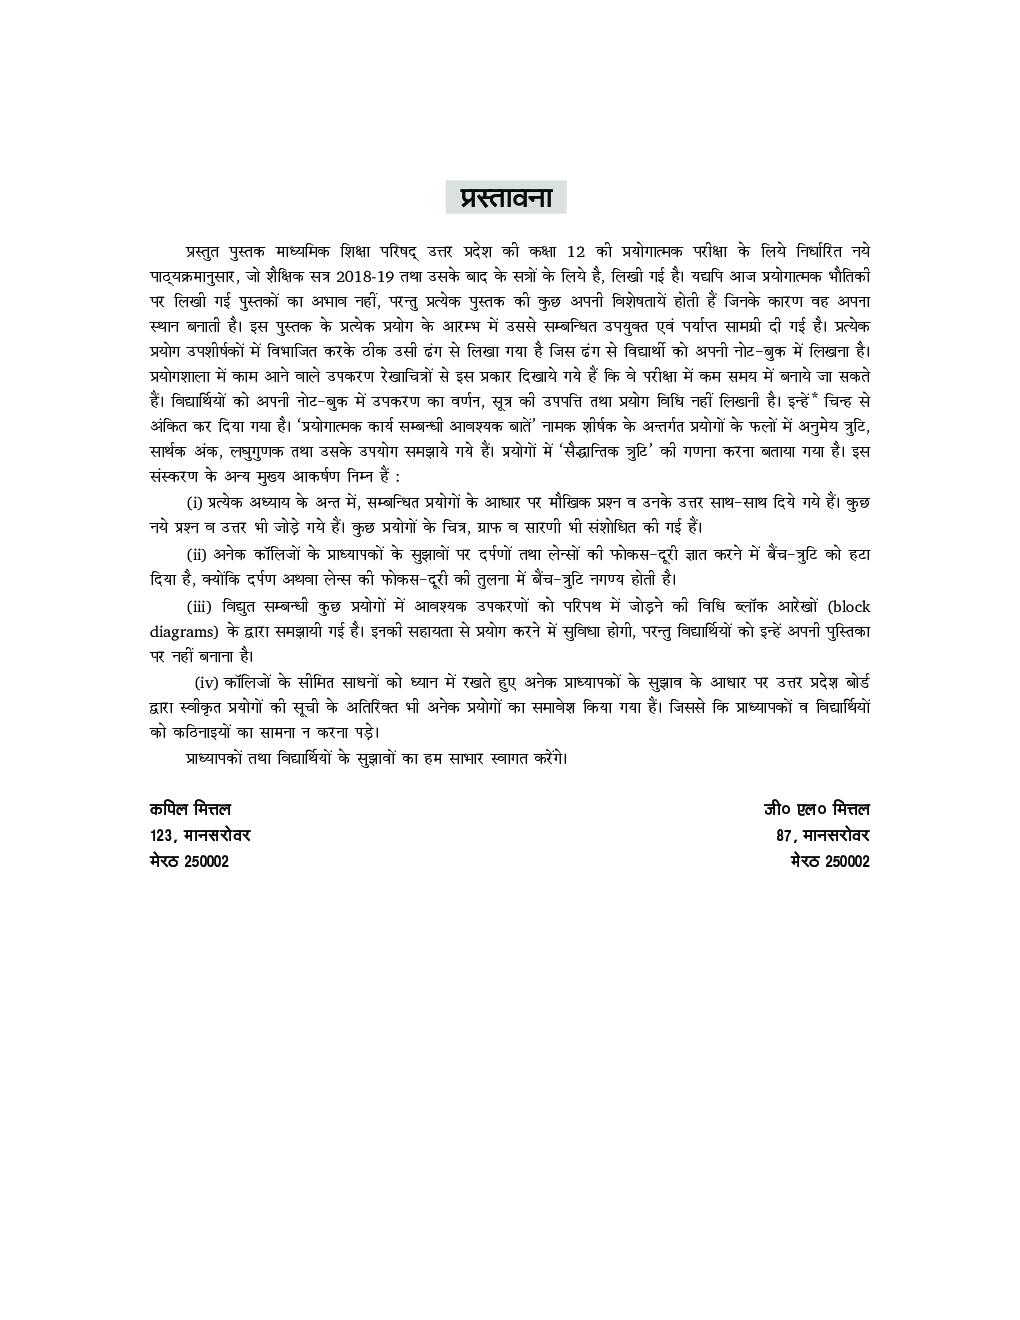 UP Board माध्यमिक प्रयोगात्मक भौतिकी For Class - XII - Page 4